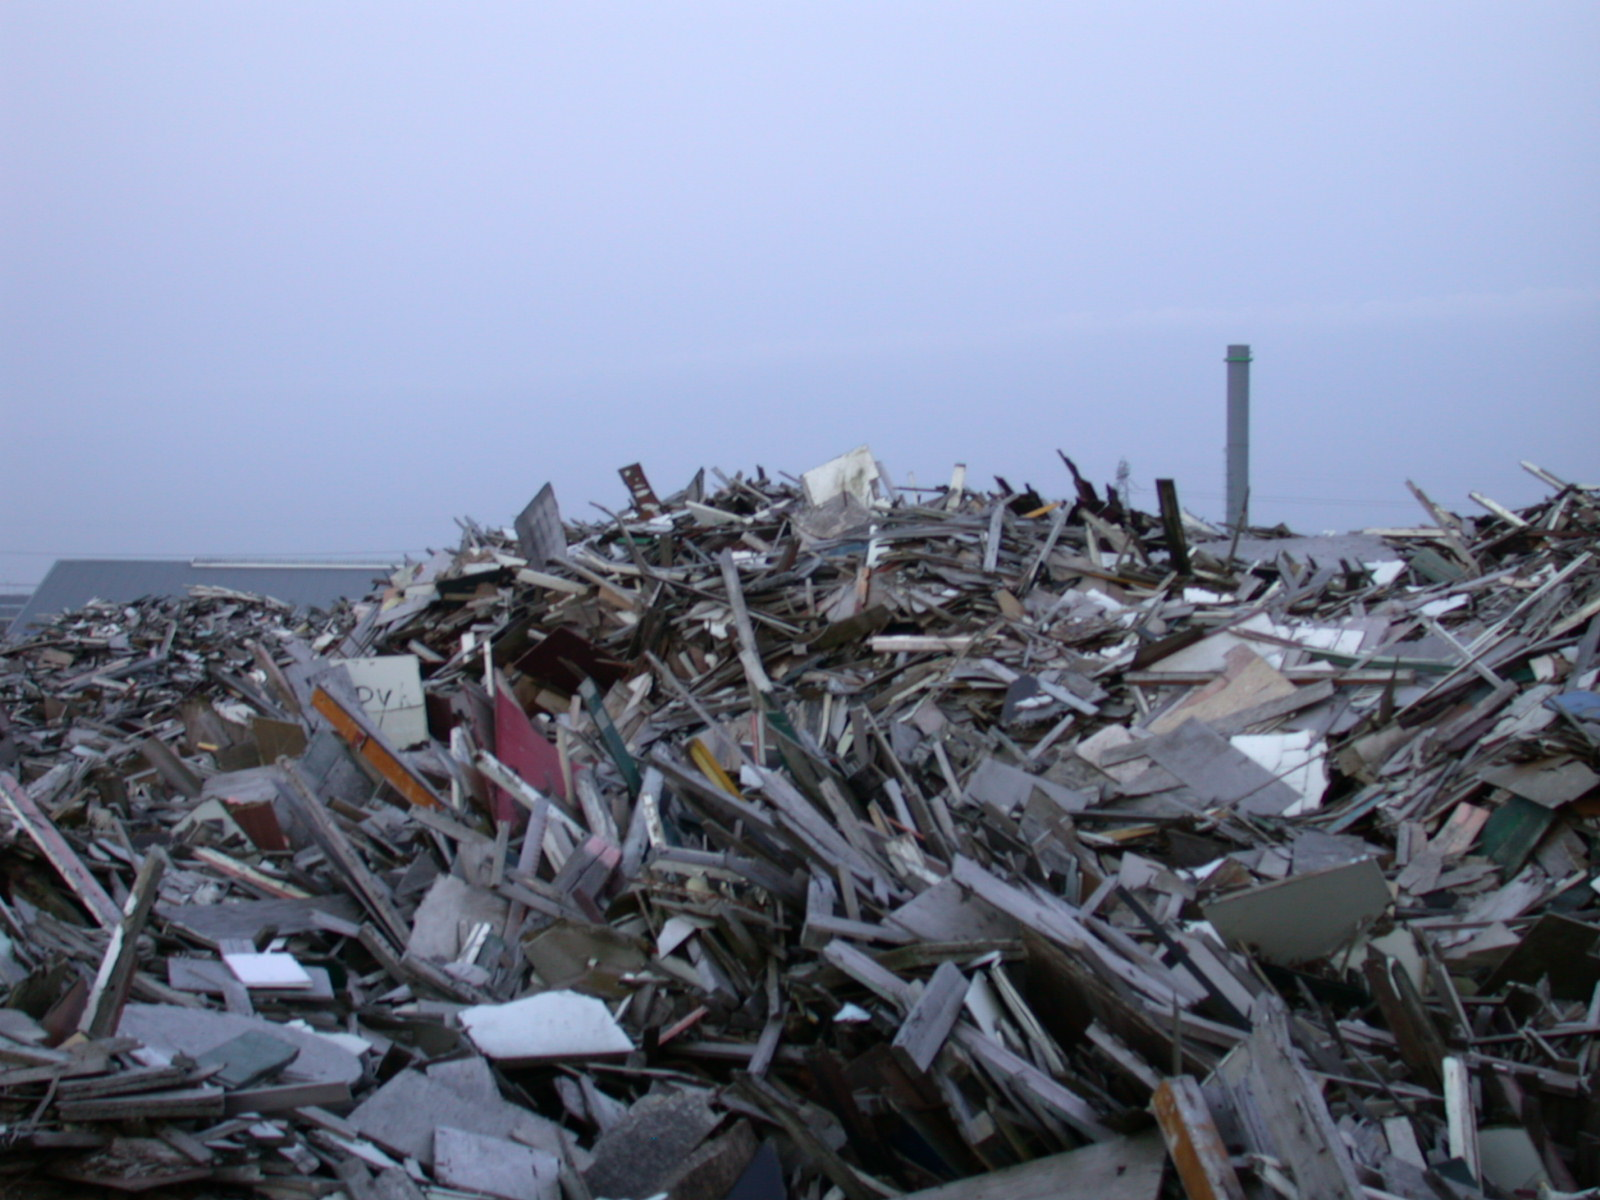 nature landscapes dump wastedump waste wood wastewood